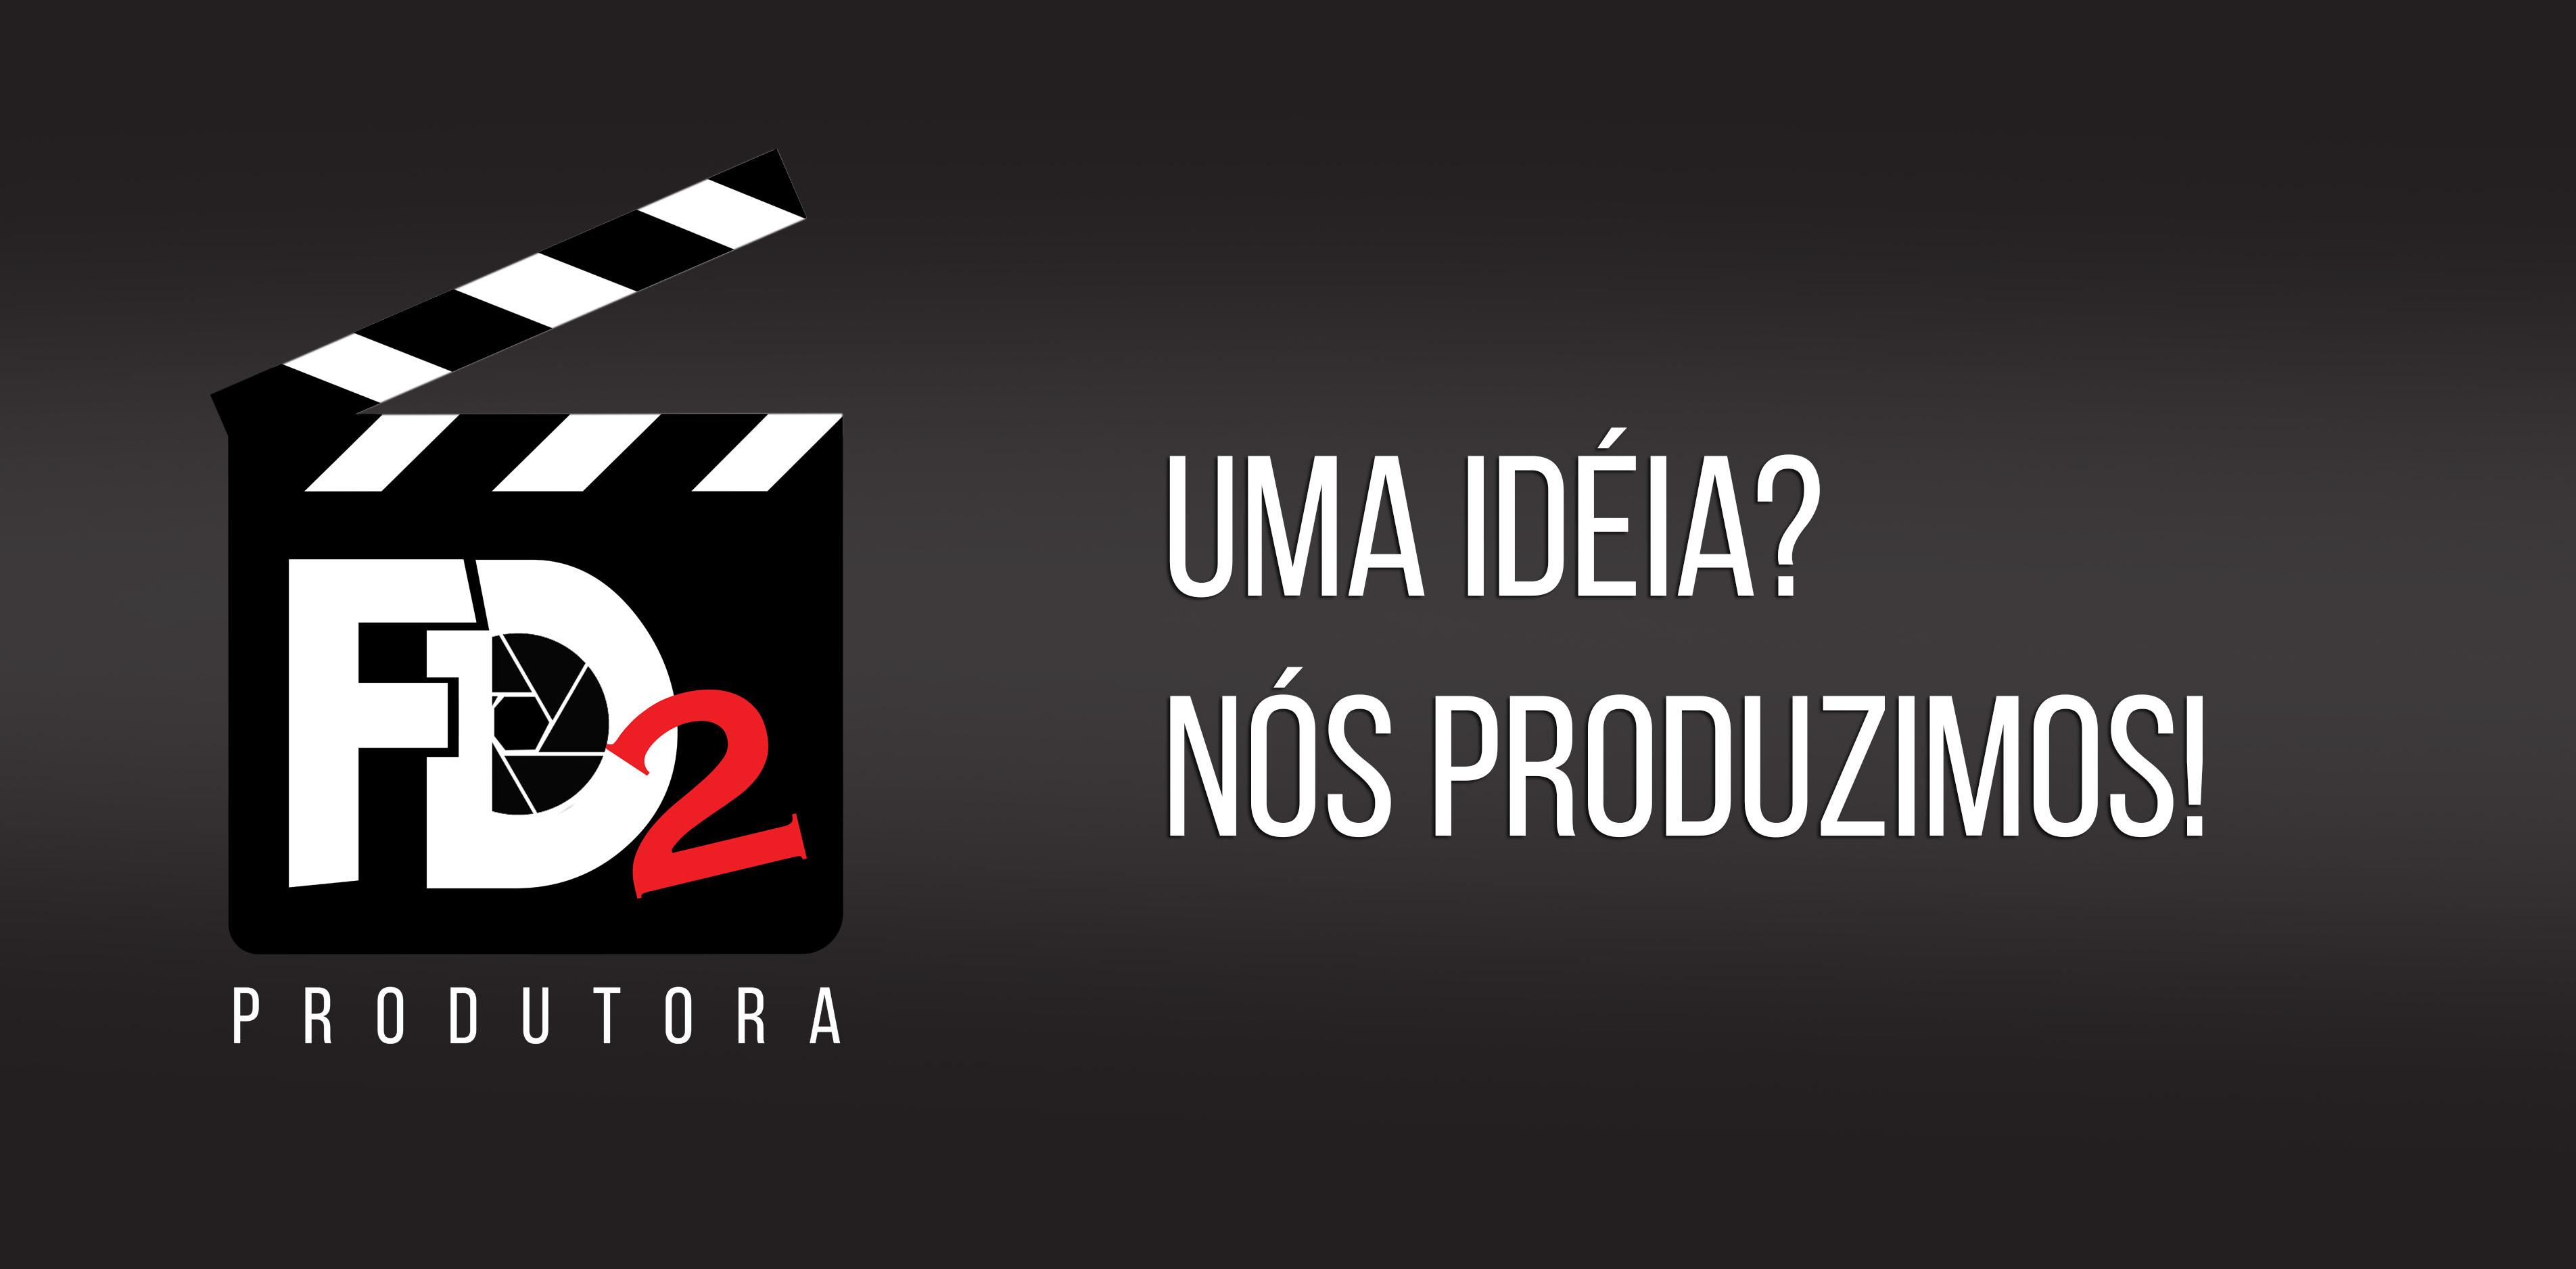 Contate FD2 PRODUTORA DE VIDEOS